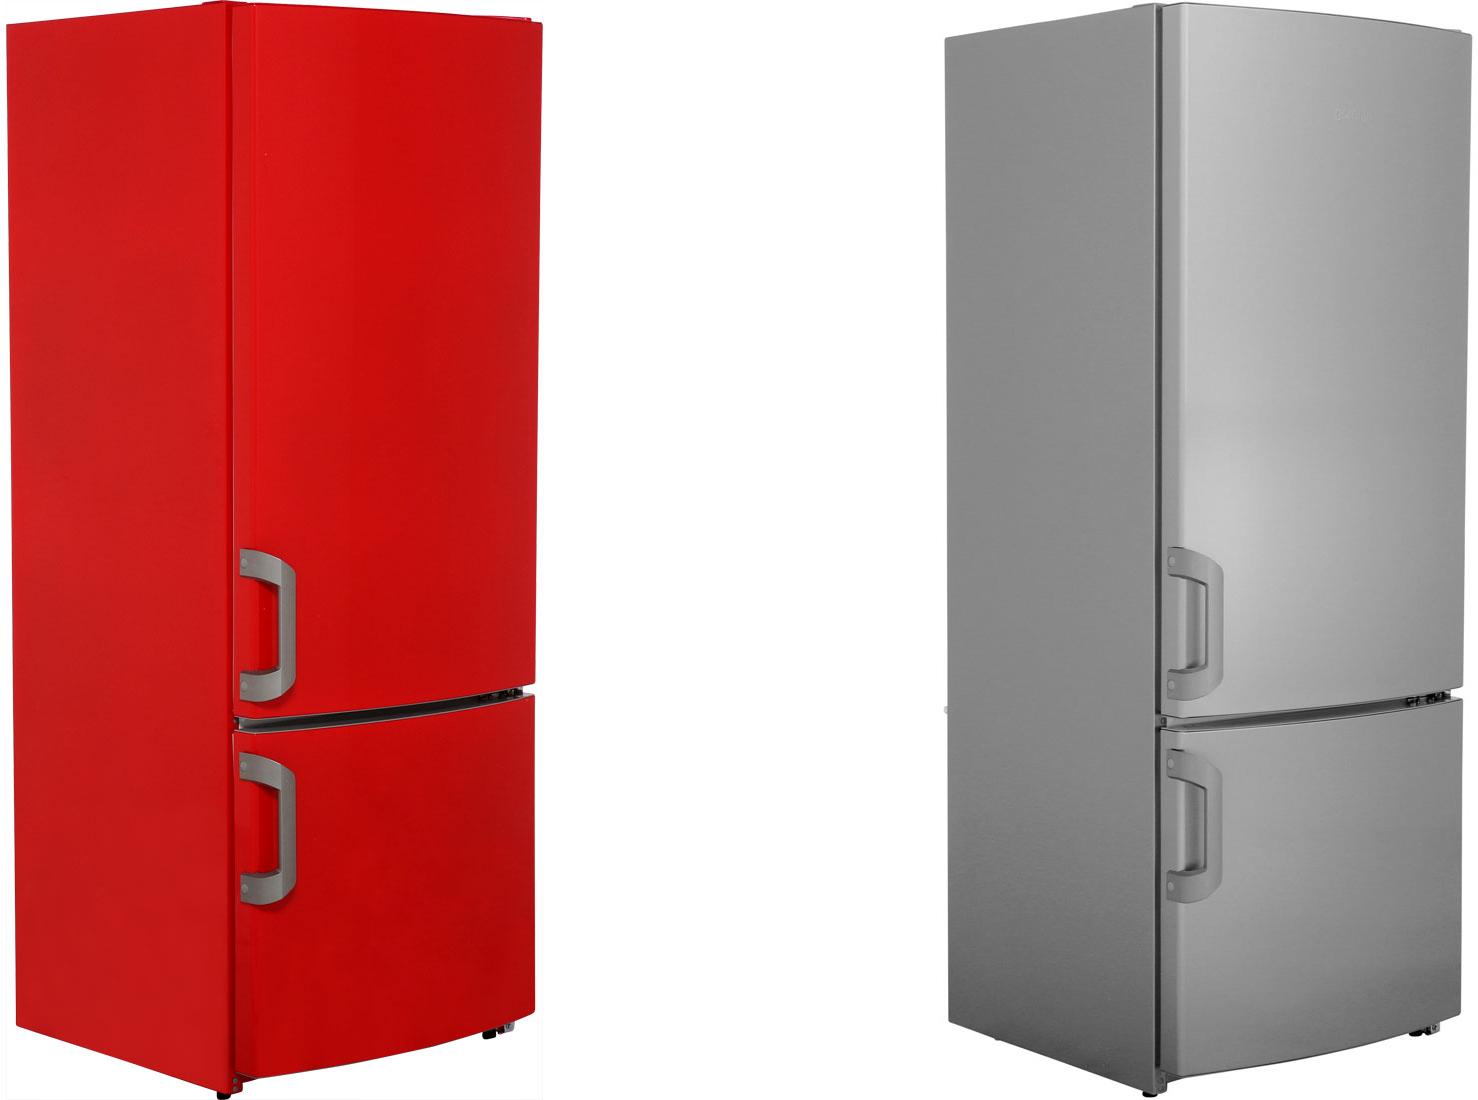 Gorenje Kühlschrank Rk 61620 X : Gorenje spartage bei ao z.b. rote retro kühlschränke ab 264